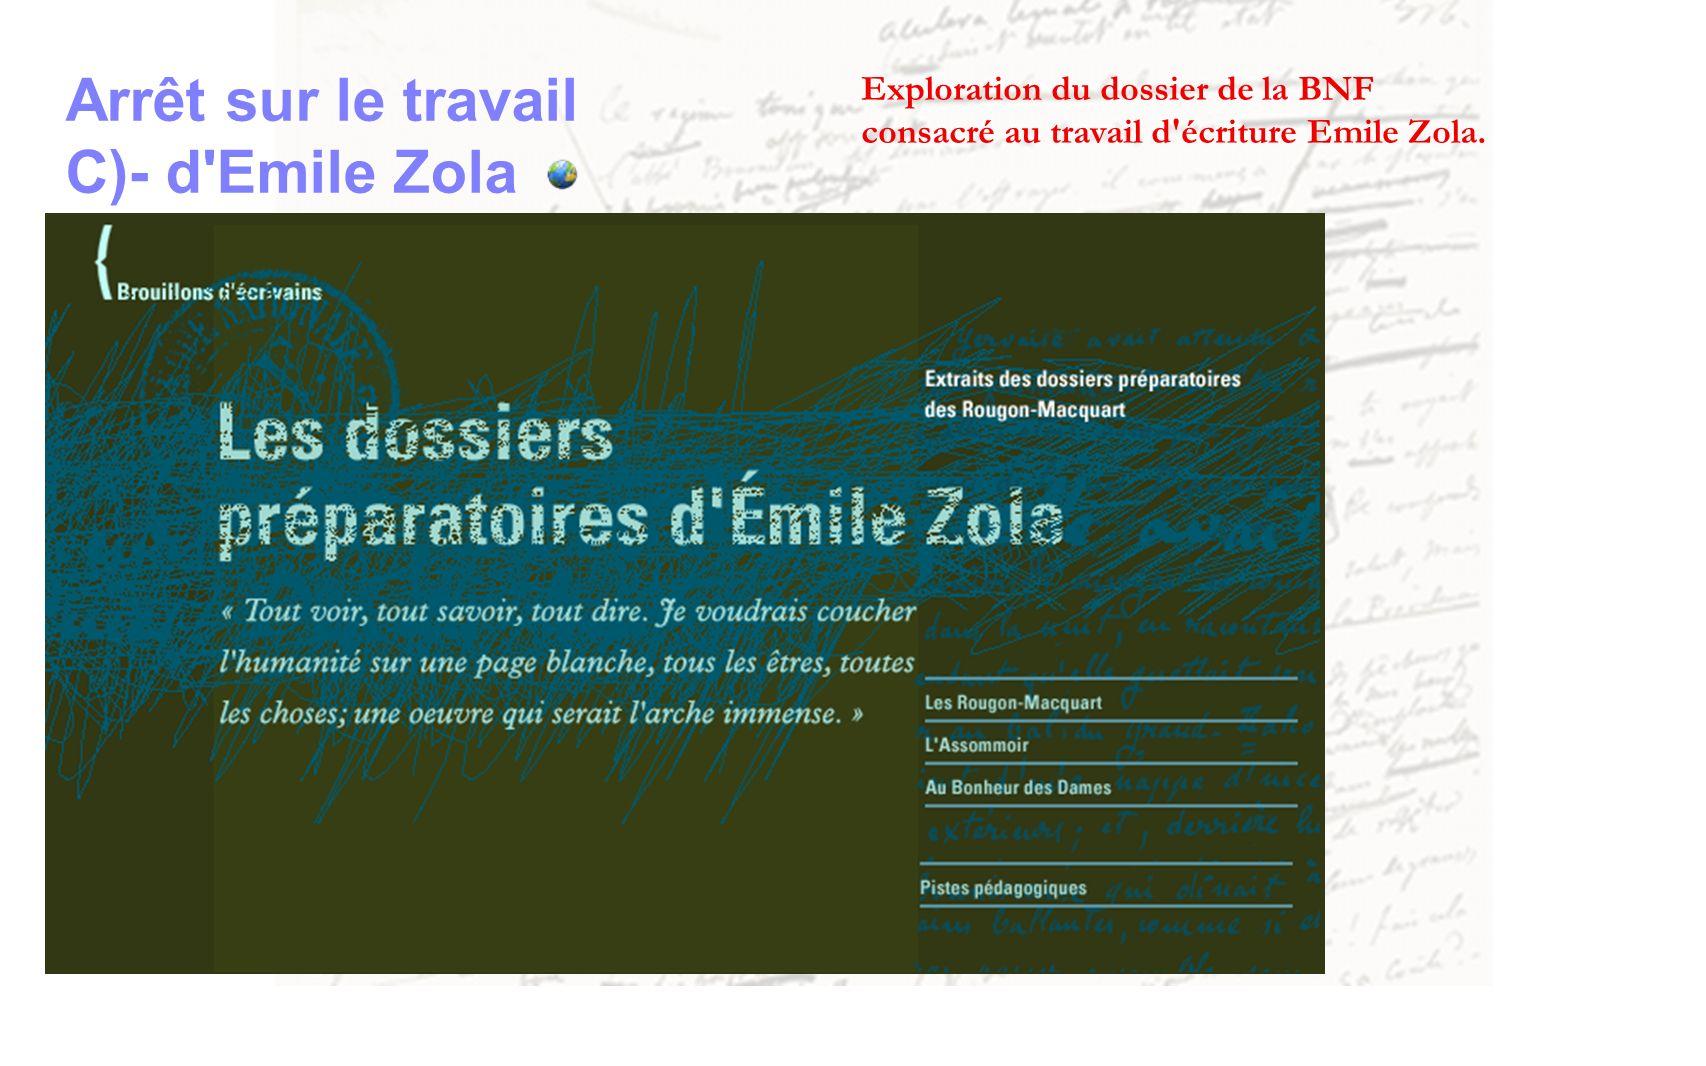 Arrêt sur le travail C)- d Emile Zola Exploration du dossier de la BNF